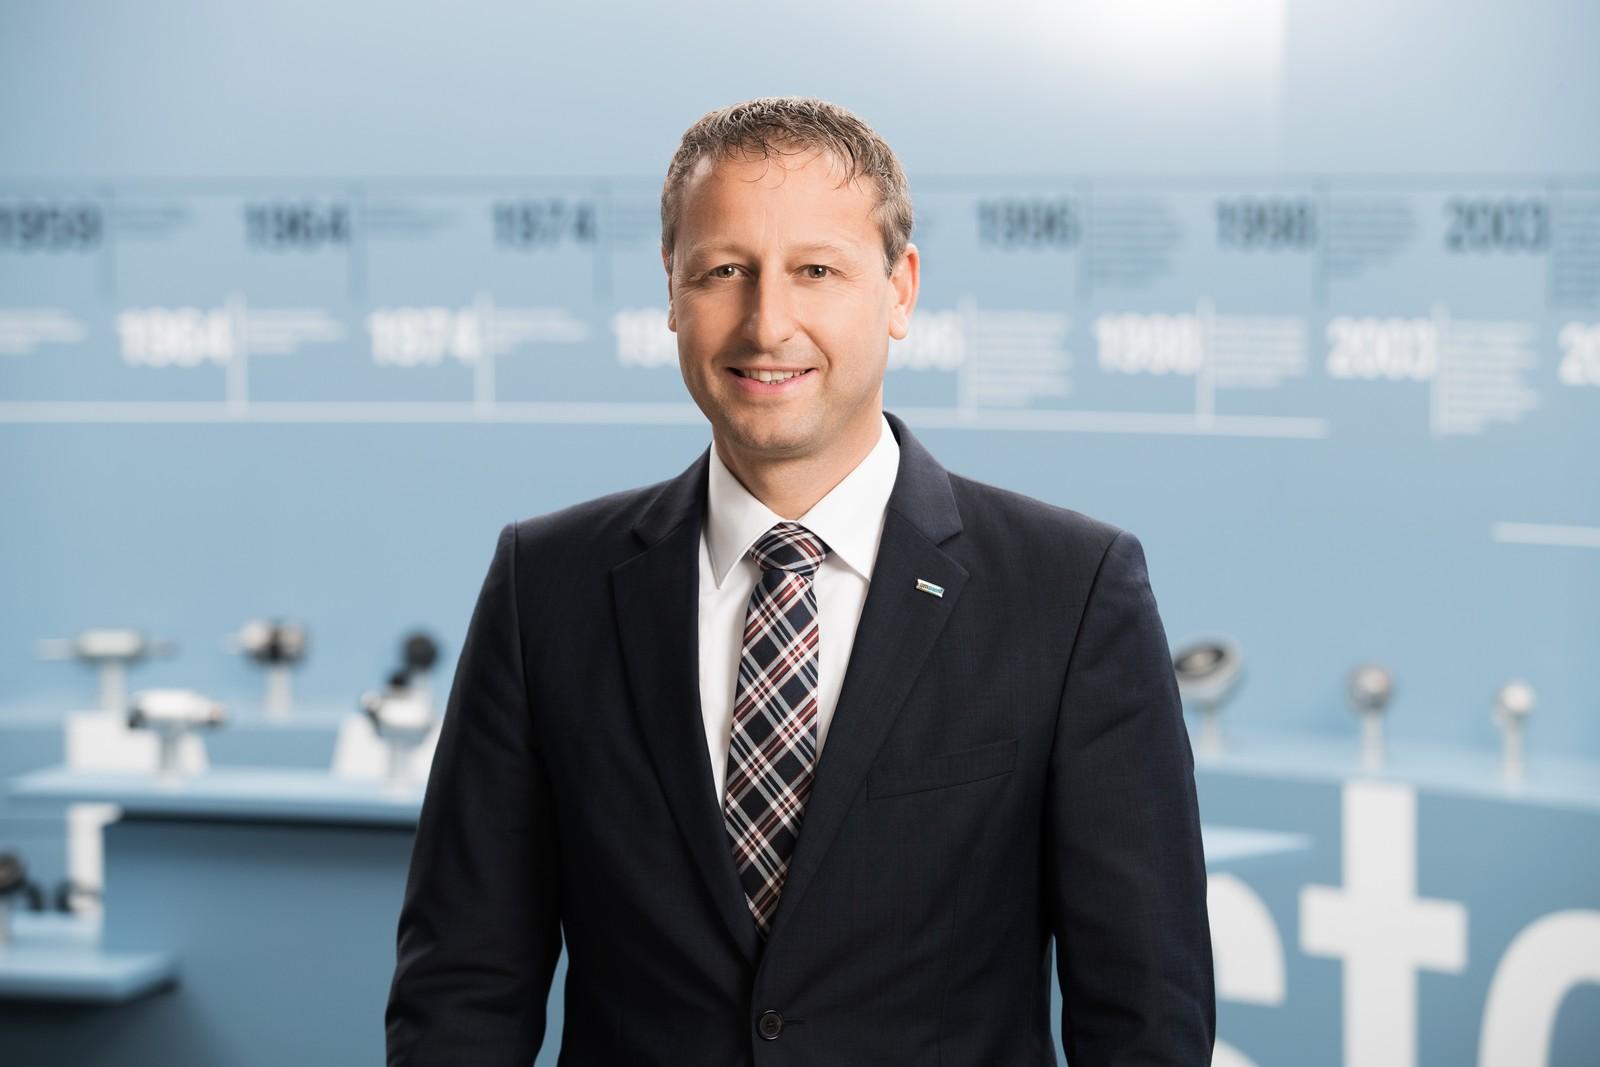 Johannes Moosmann ist seit 2003 bei EBM-Papst in St. Georgen tätig. 2011 übernahm er die Leitung des Geschäftsbereiches Industrielle Antriebstechnik.